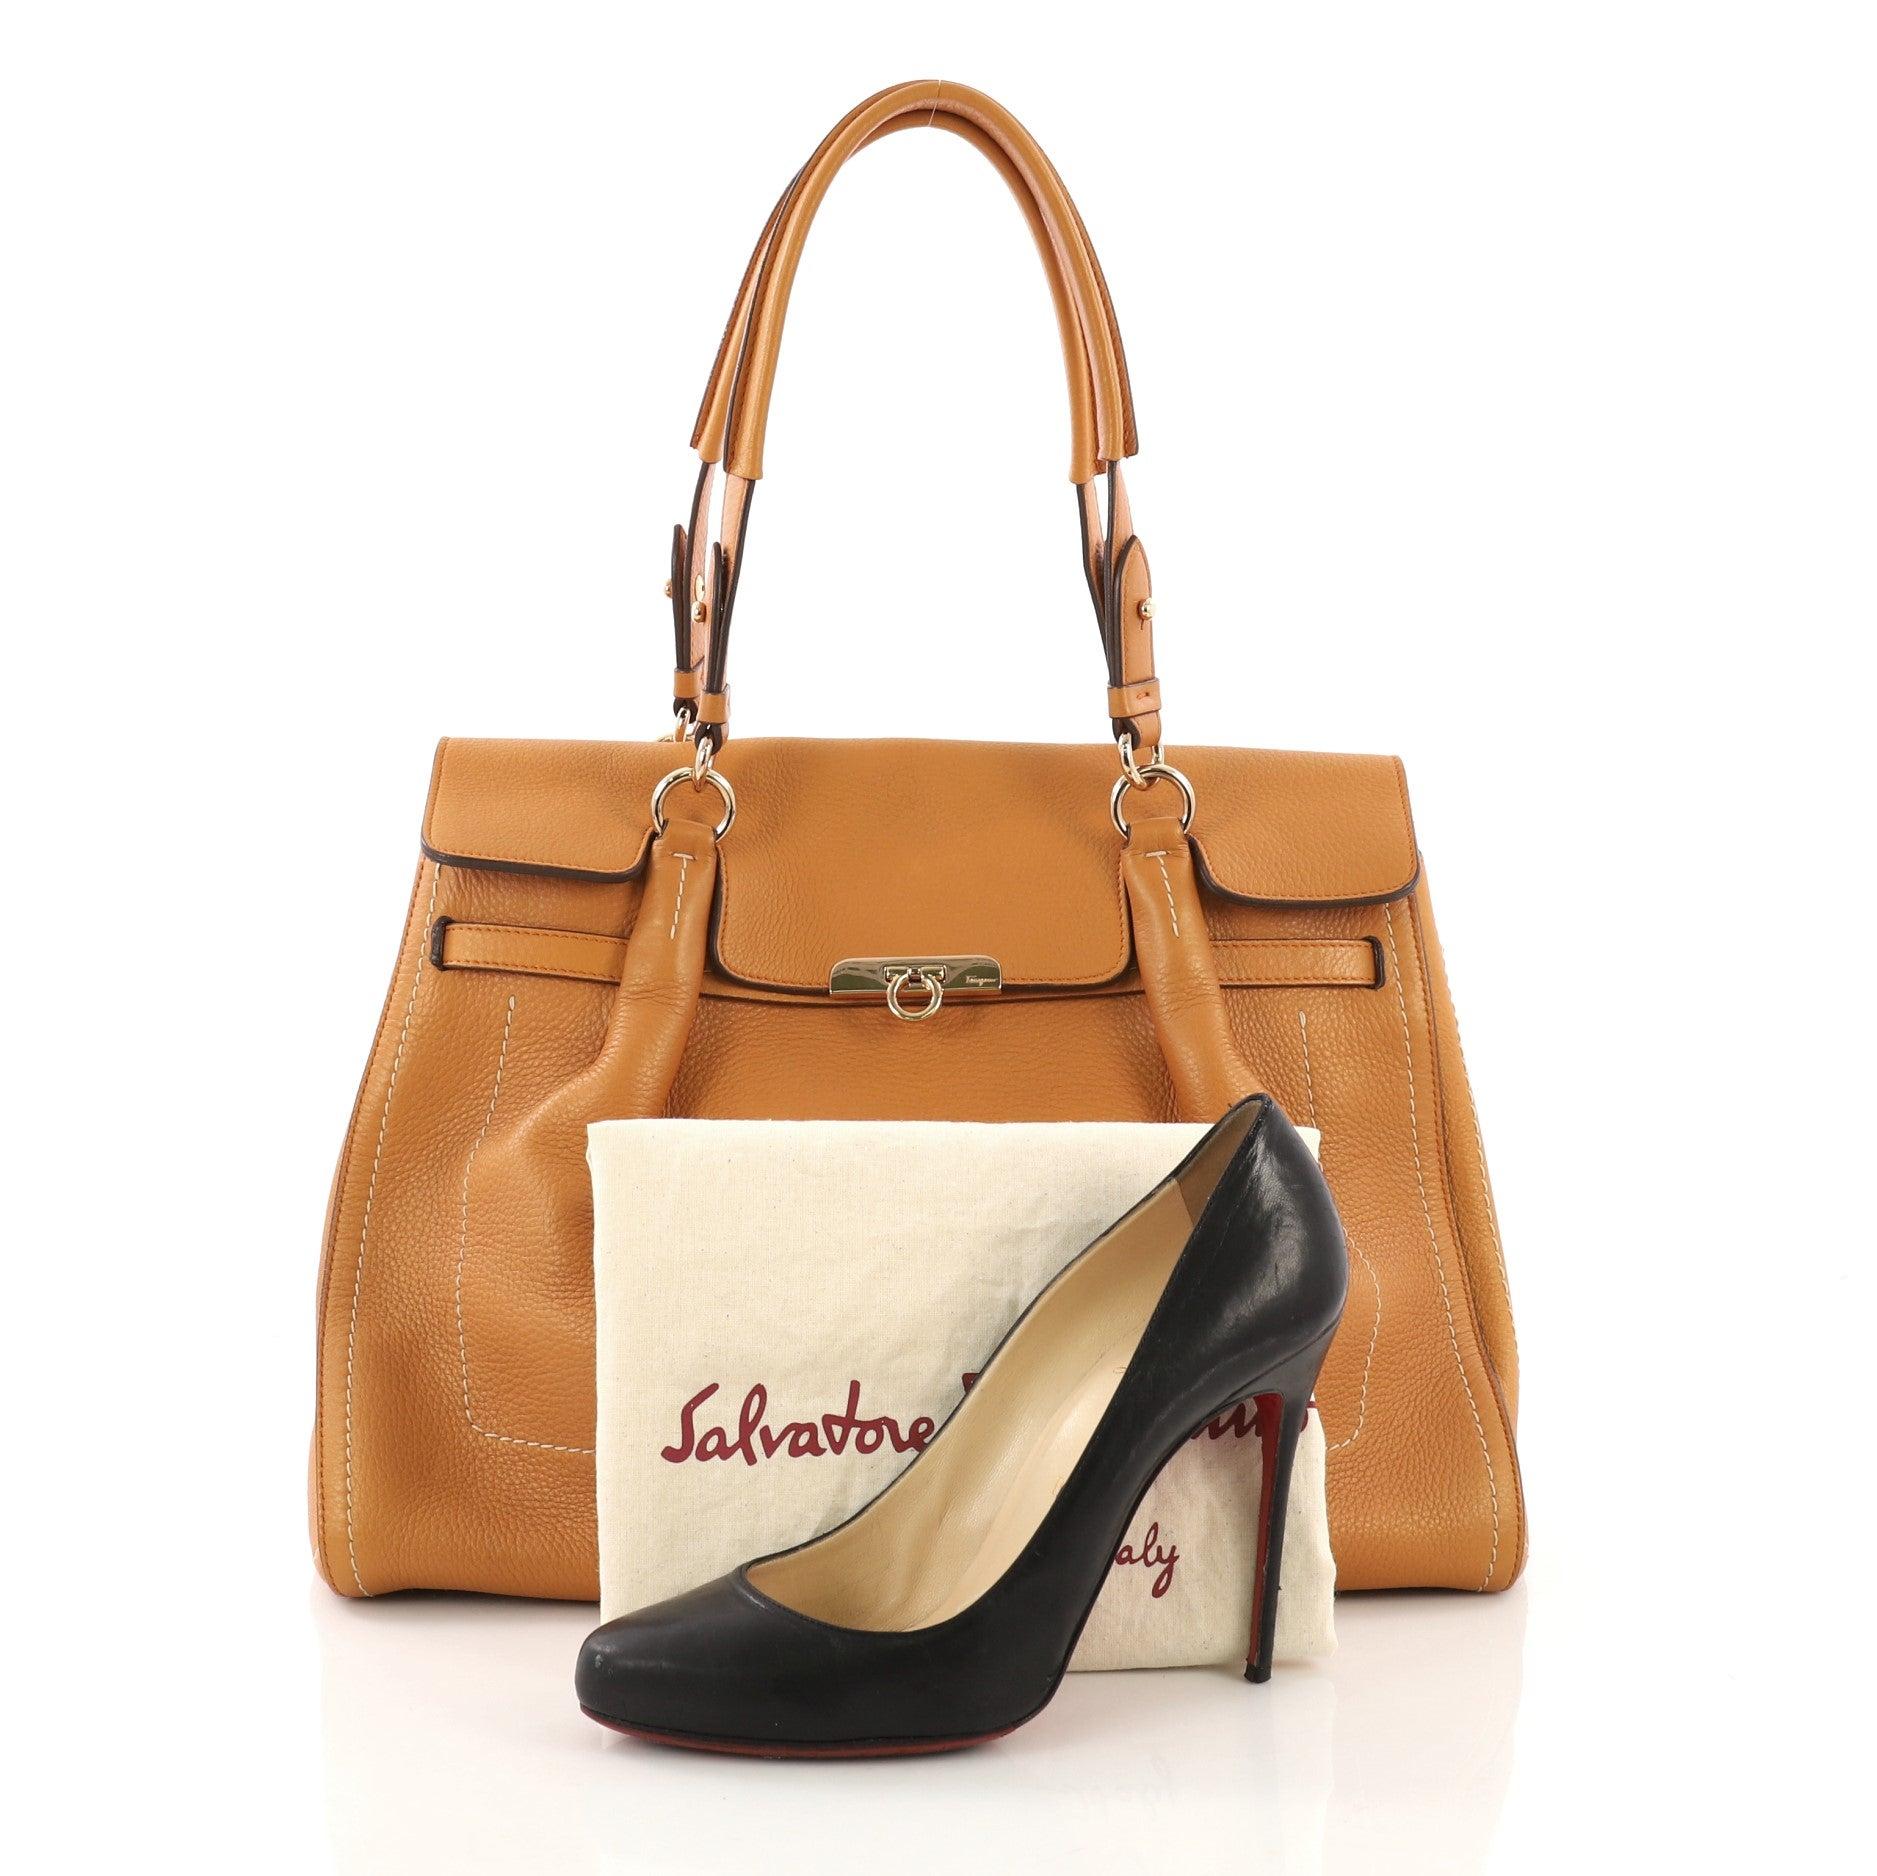 14e4fb82e4 Salvatore Ferragamo Fara Satchel Leather Large at 1stdibs